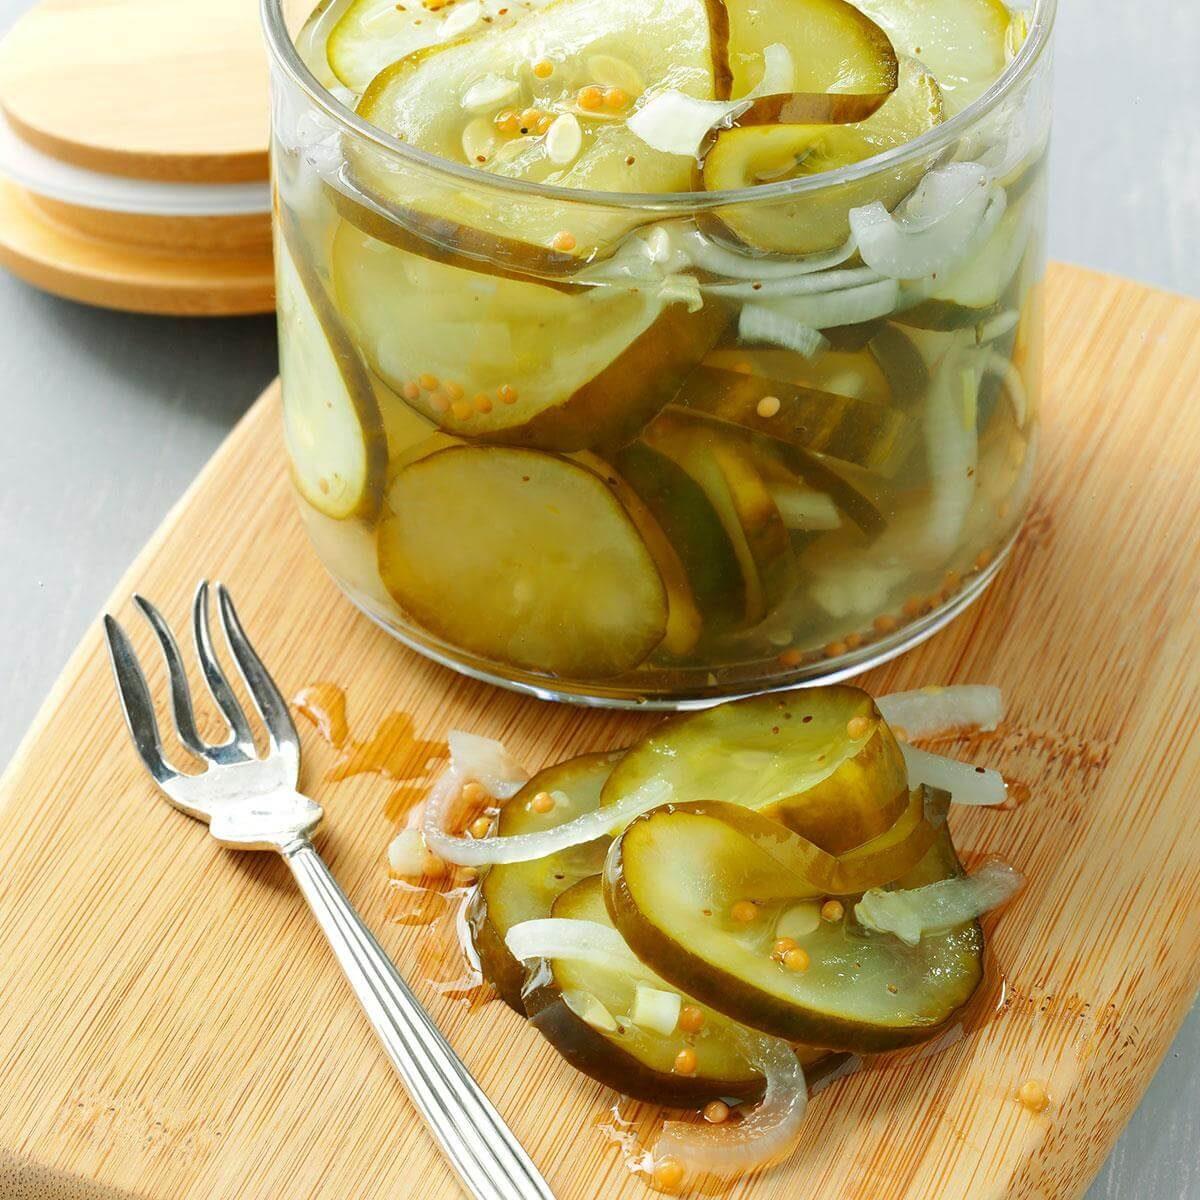 Microwave pickles